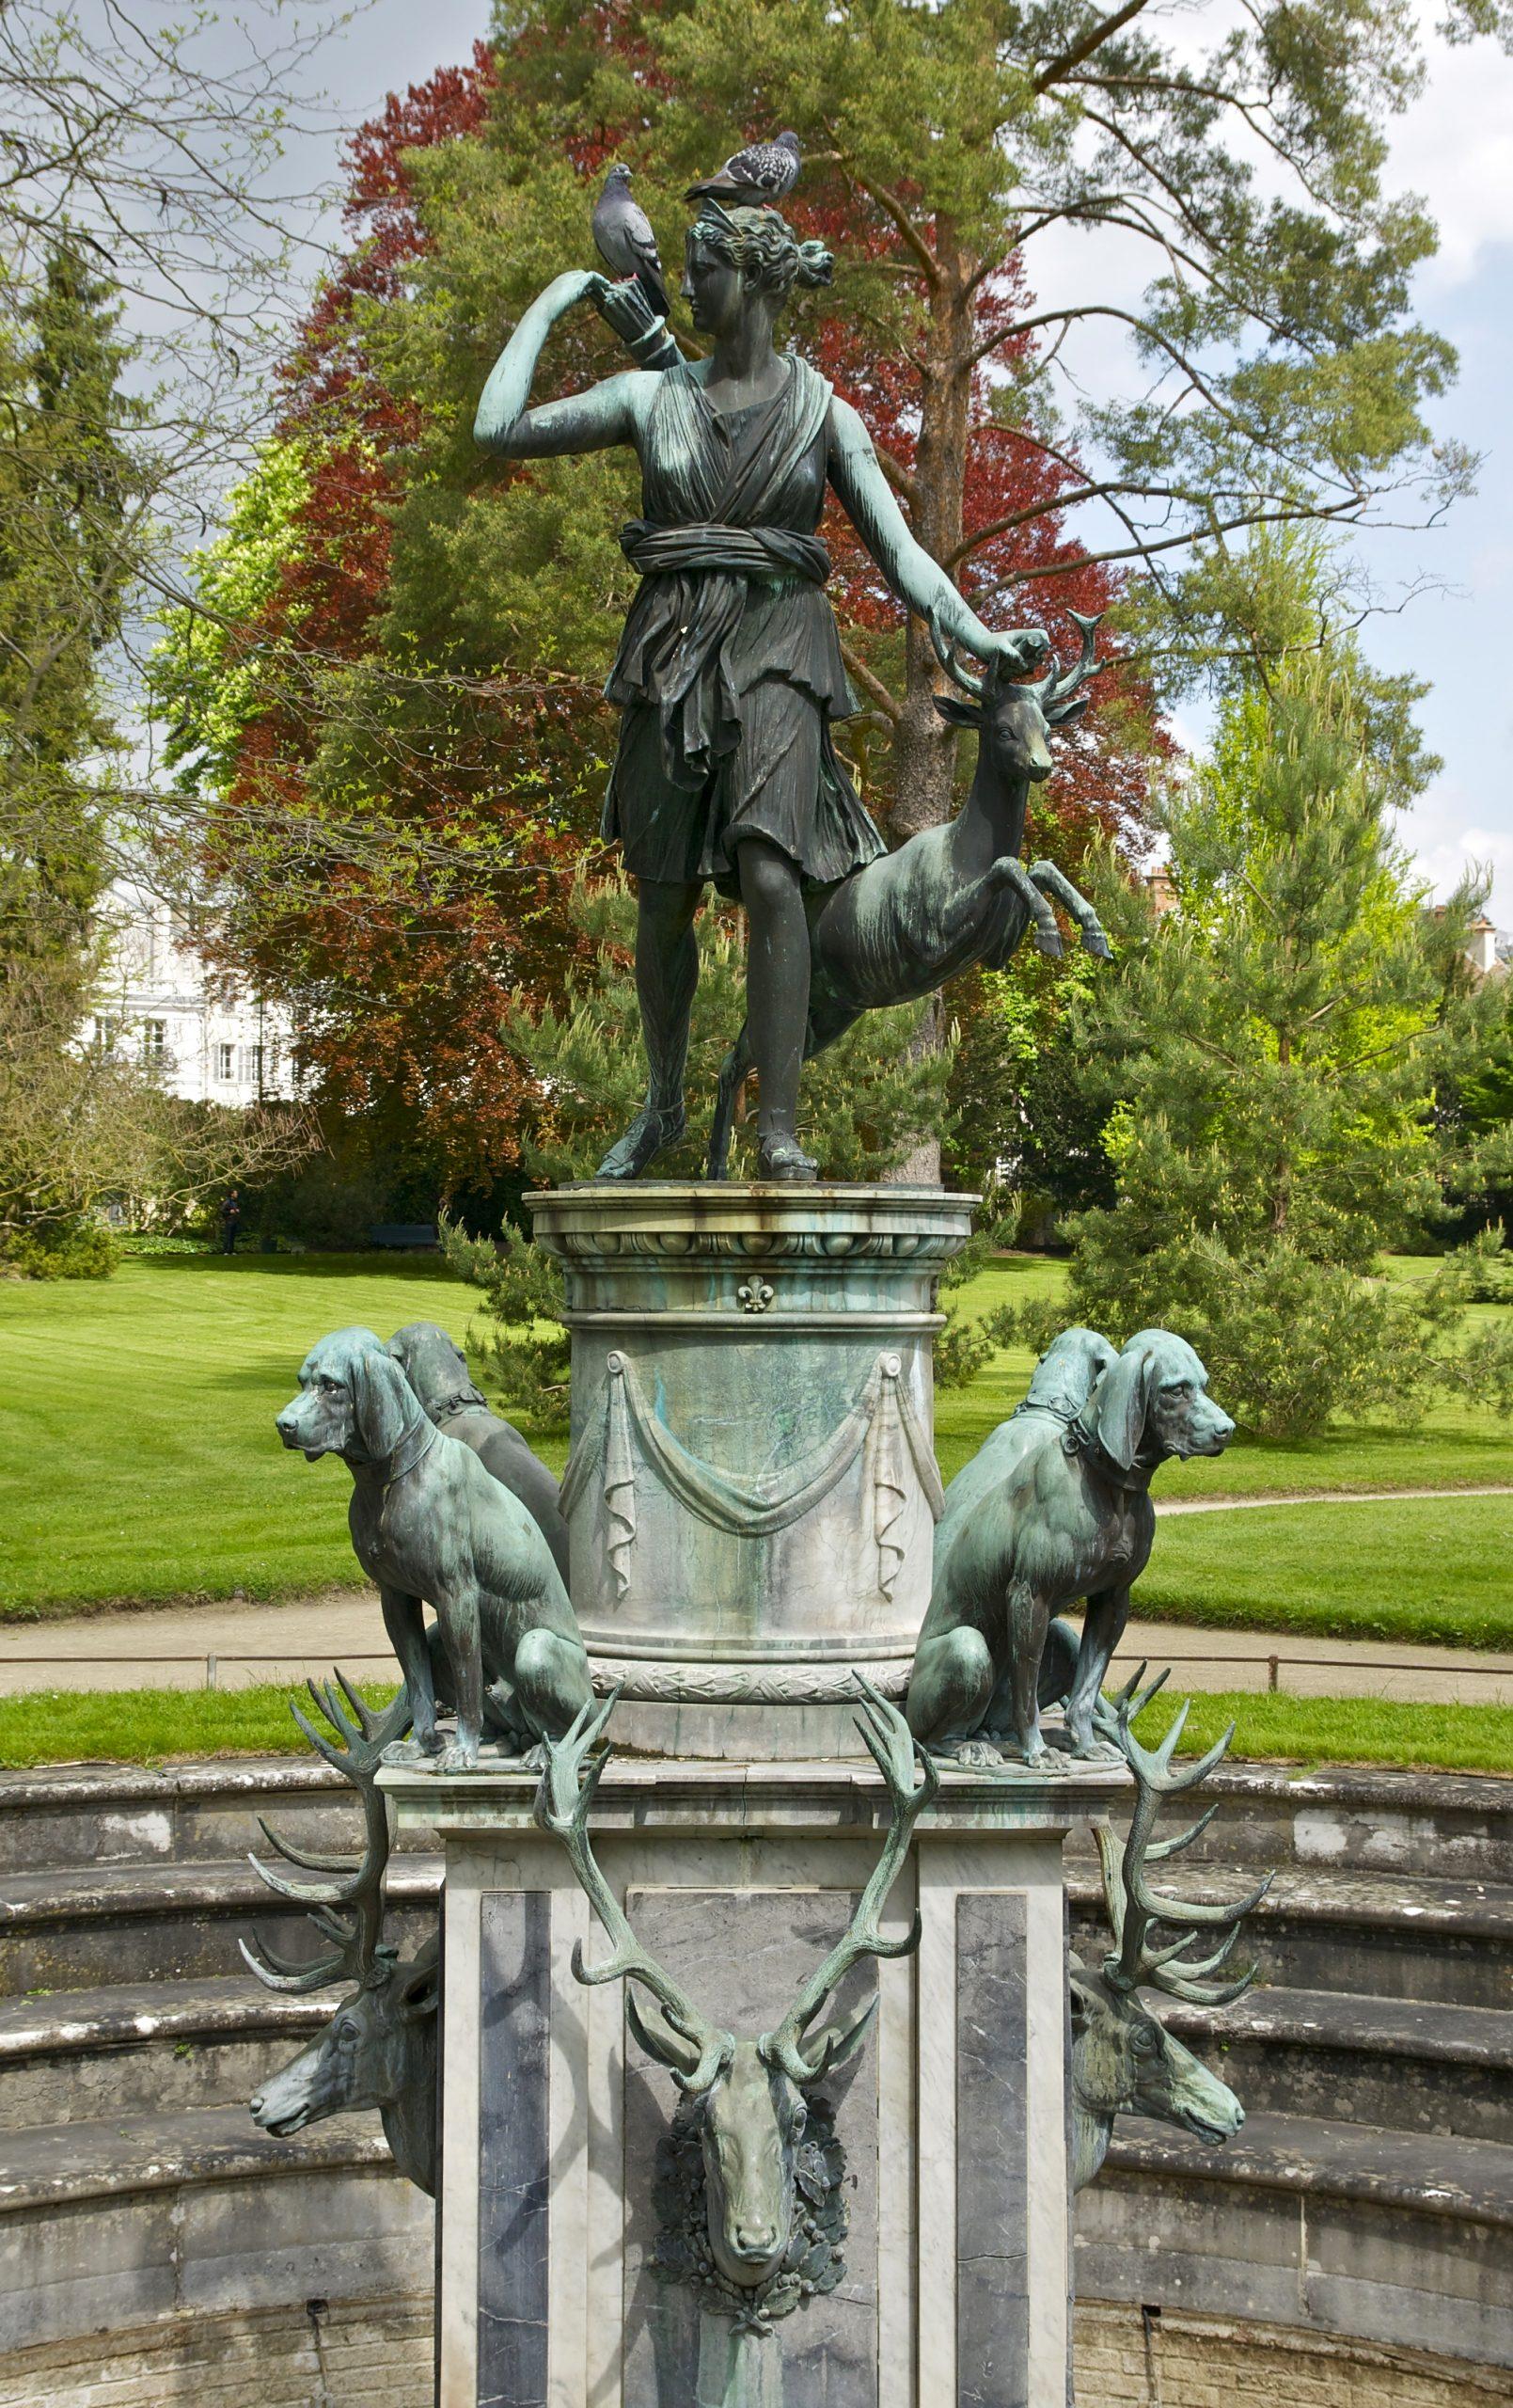 File:fontaine Jardin De Diane Fontainebleau.jpg - Wikimedia ... dedans Statue Fontaine De Jardin